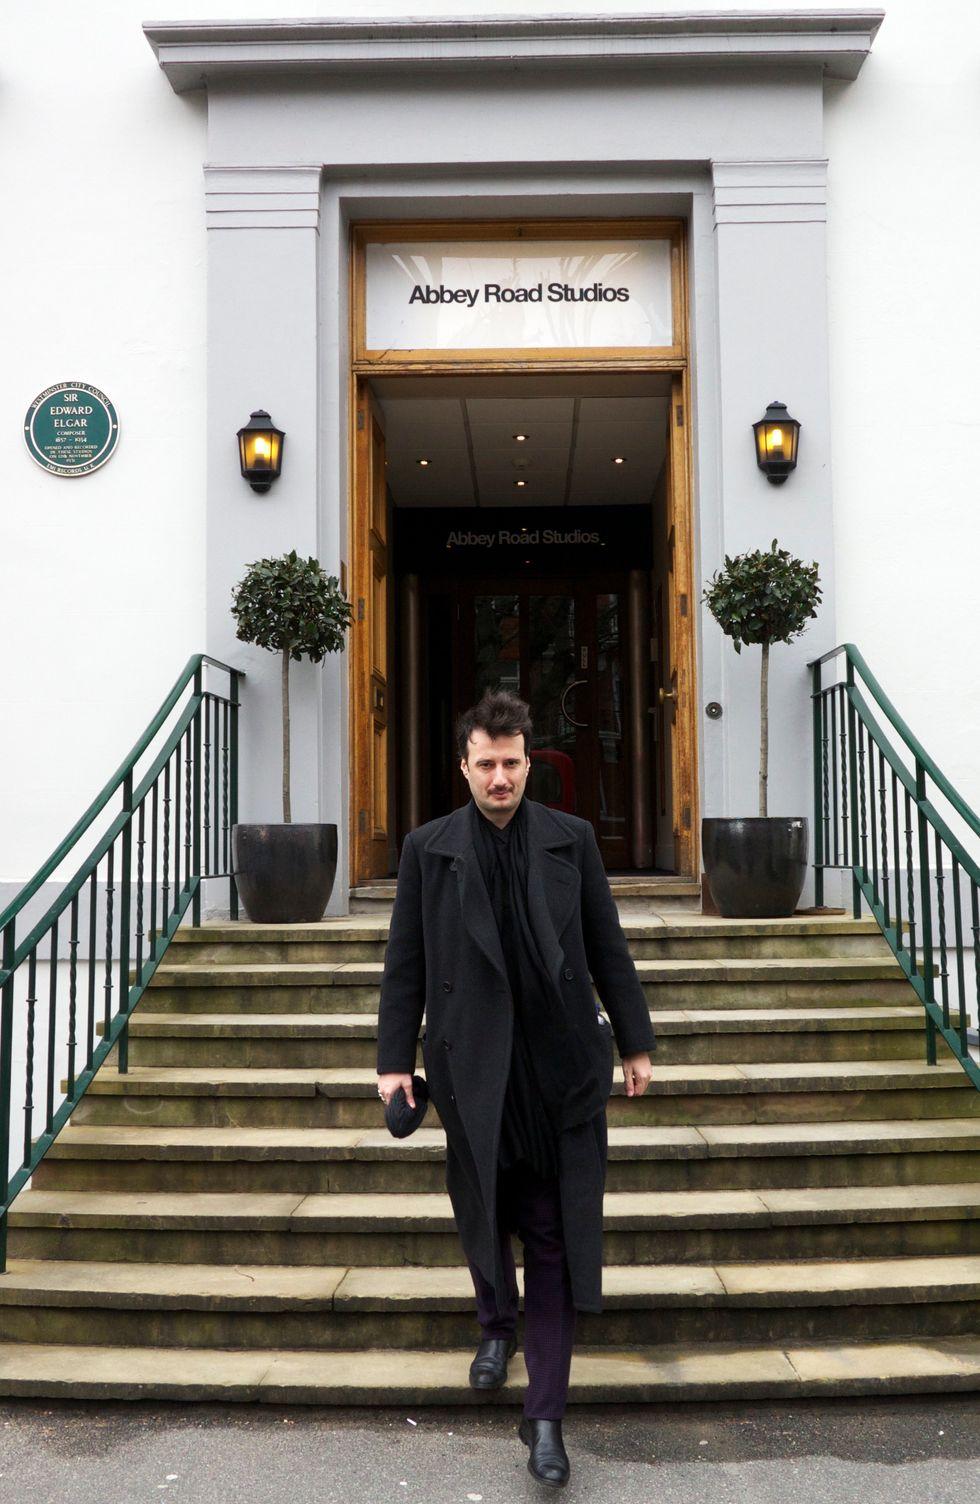 """Matteo Ceccarini: """"Il mio disco ha il suono degli Abbey Road Studios"""""""